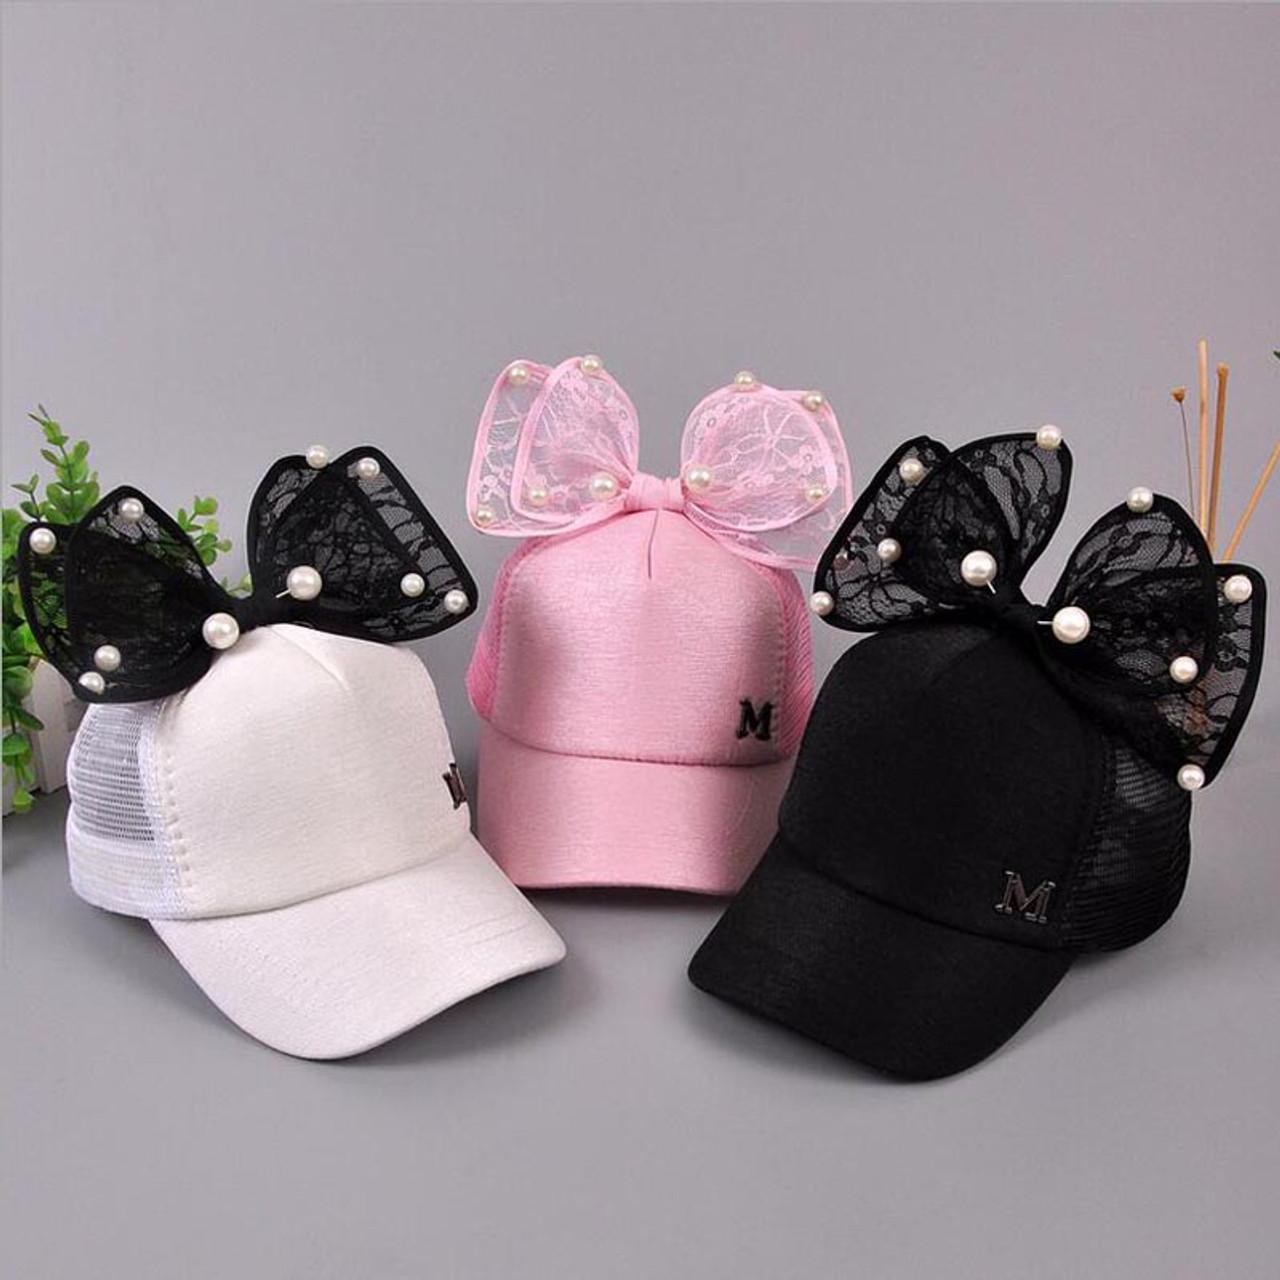 2017 Big Bow New Baseball Cap Lovely Korea Kids Girls Adjustable Net Cap  Fashion Cartoon Patten Children Hats Bone - OnshopDeals.Com d3ad139aa074